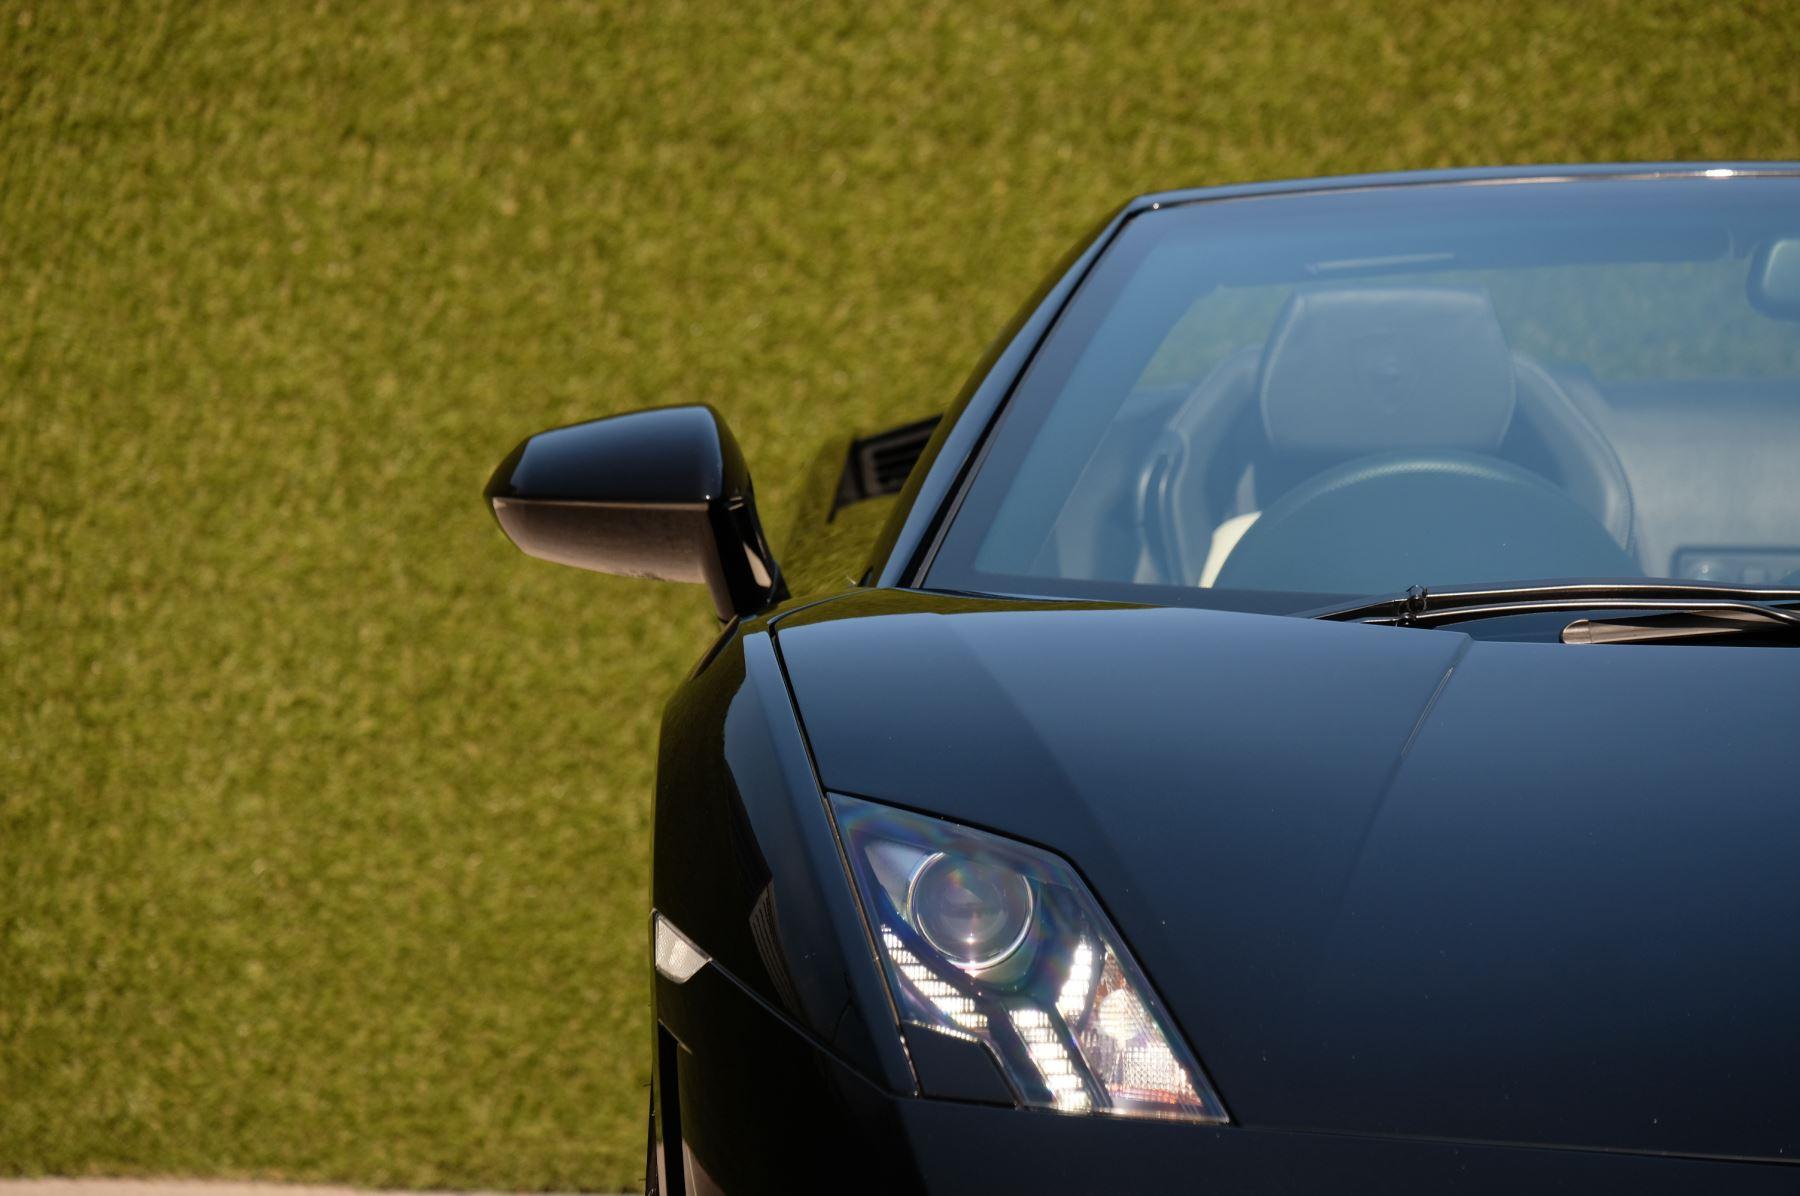 Lamborghini Gallardo LP 560-4 Spyder image 12